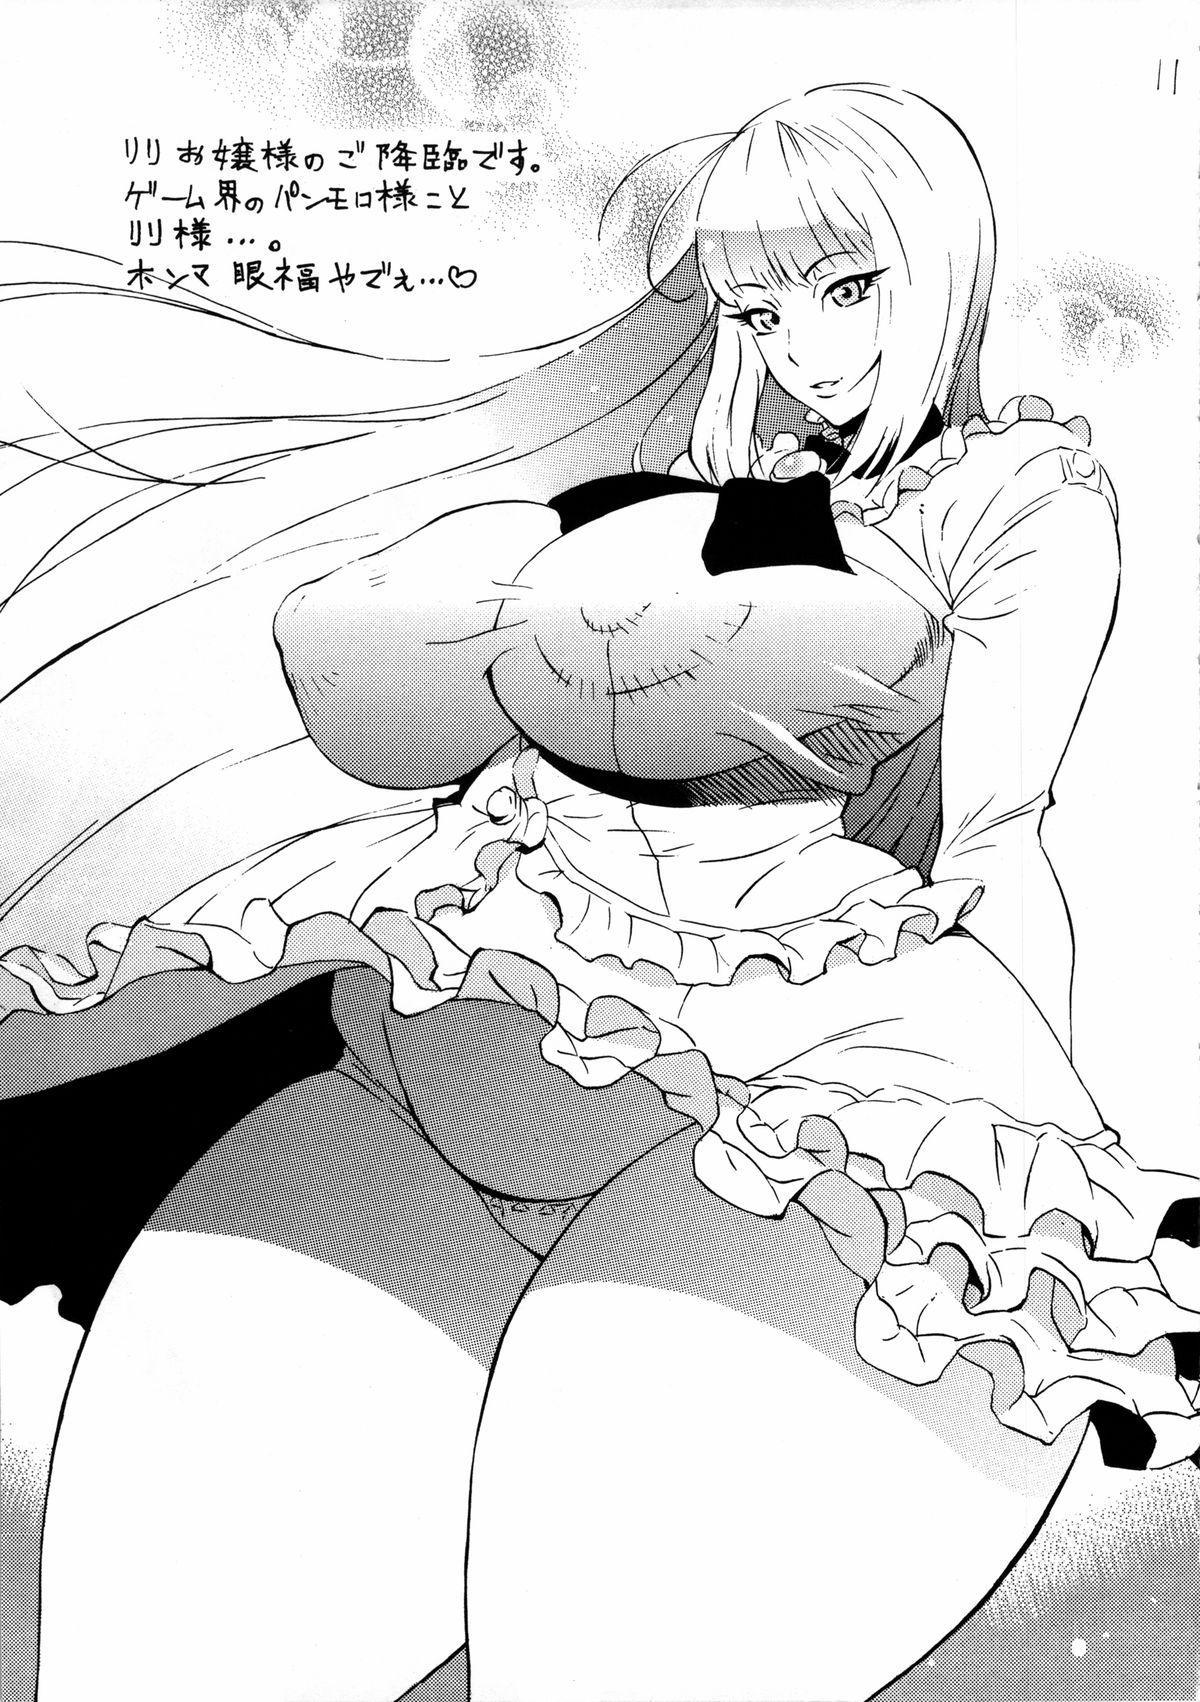 Tonikaku Suki Chara wo Hitasura ni Kaite Kaite Kakimakutta dake no Hon 11